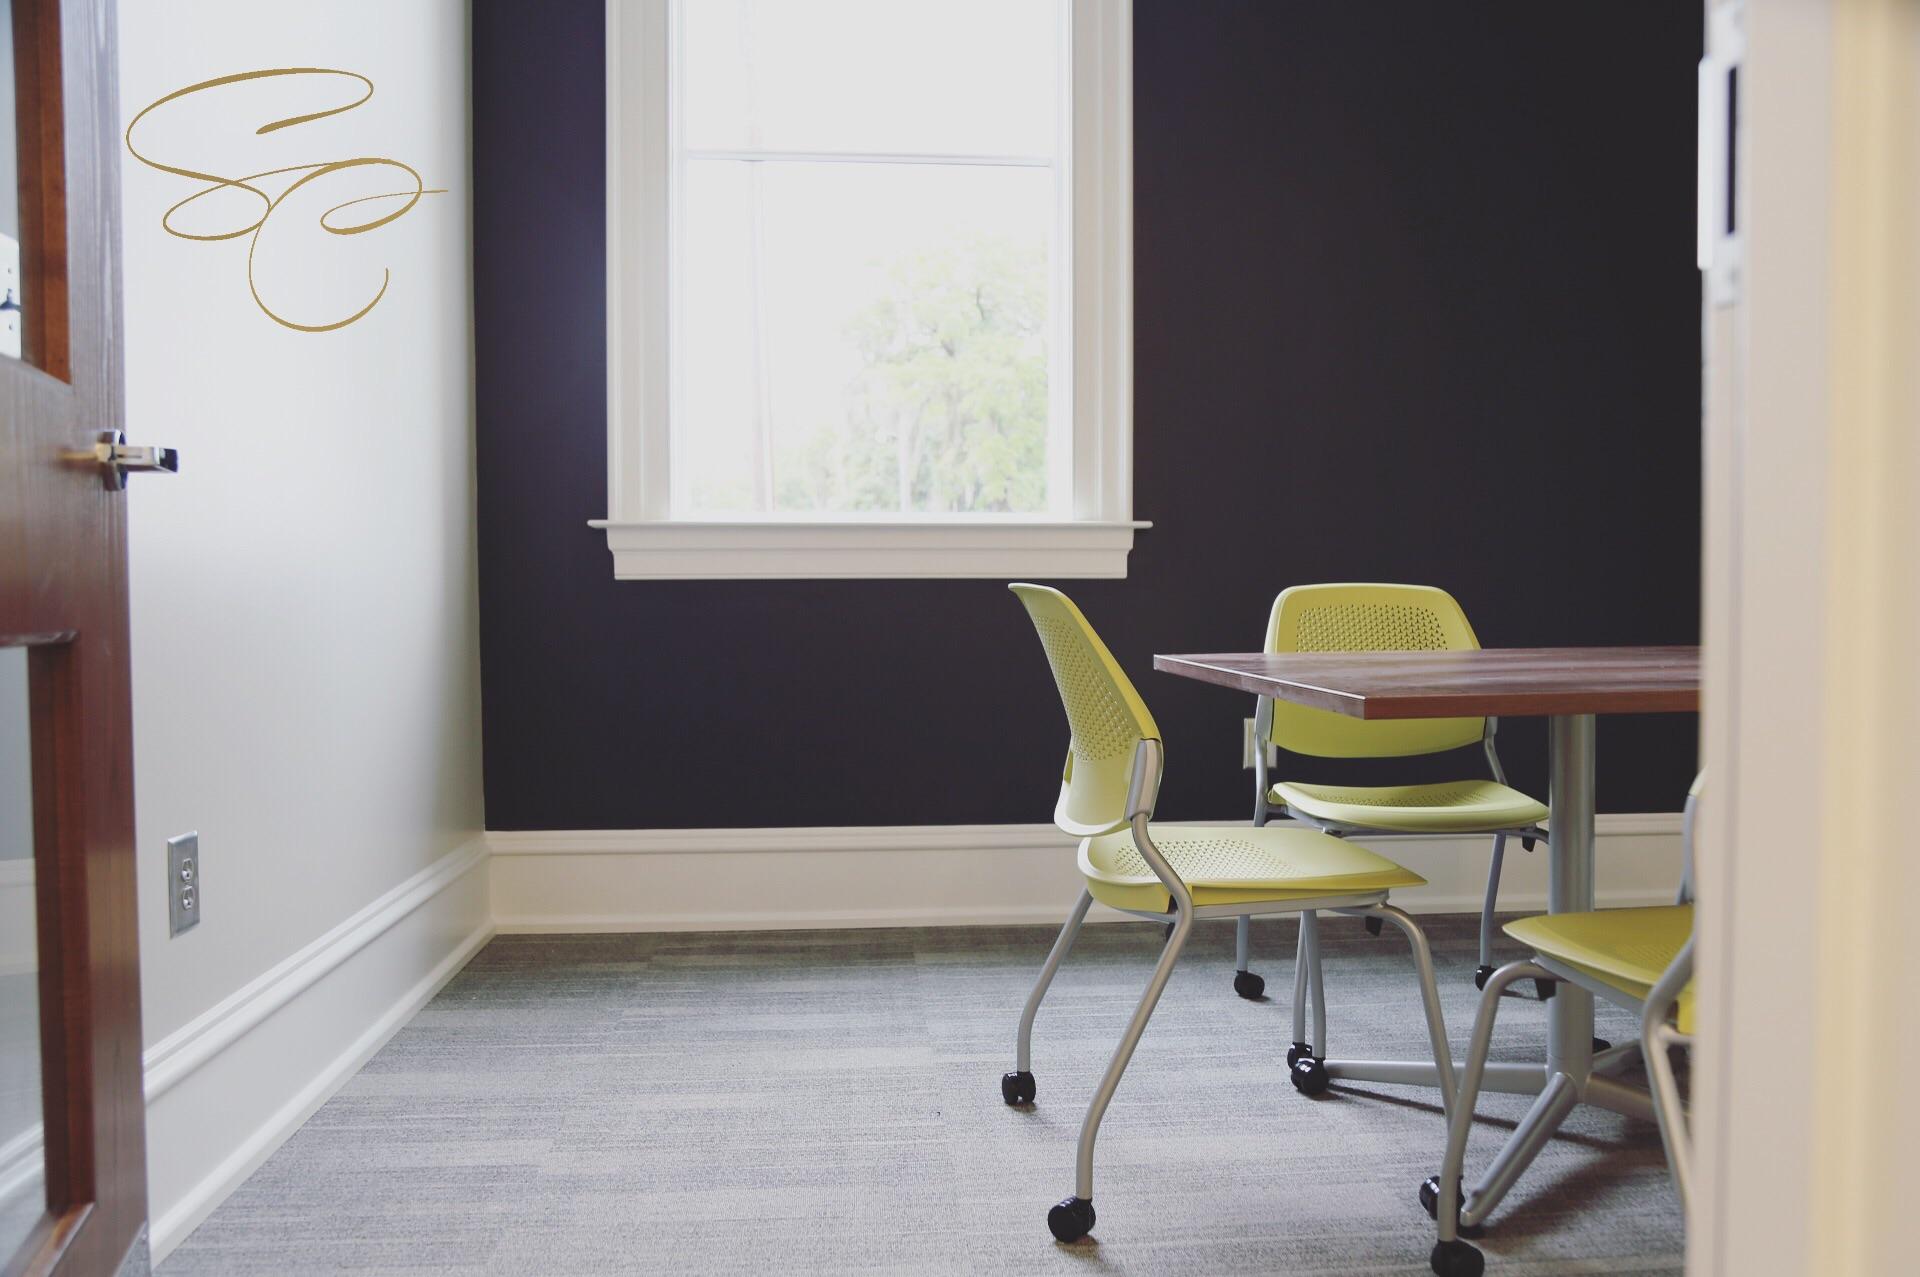 Private study area